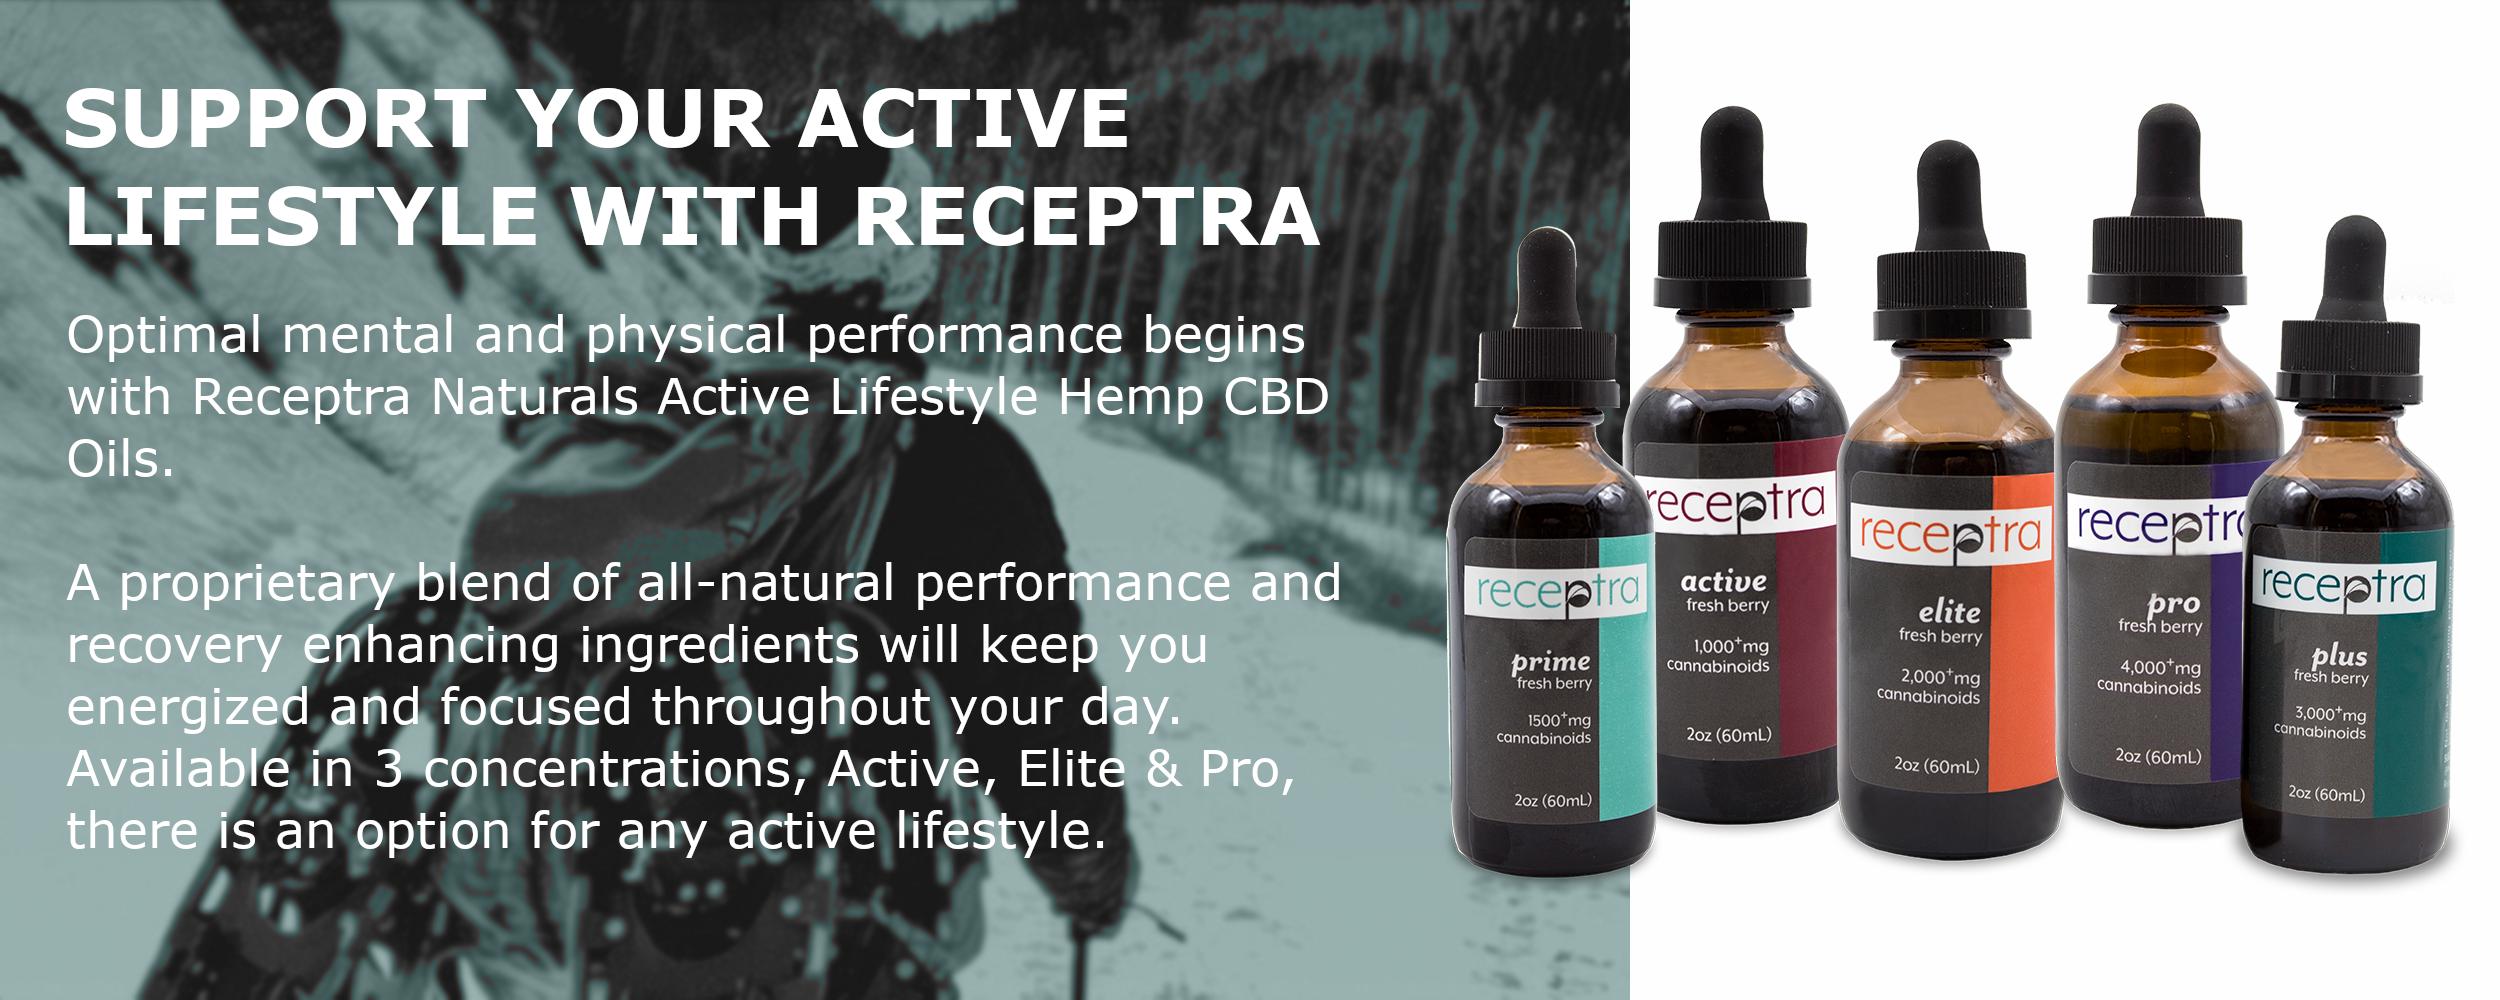 Receptra Naturals Pure Hemp CBD Extracts & Topicals